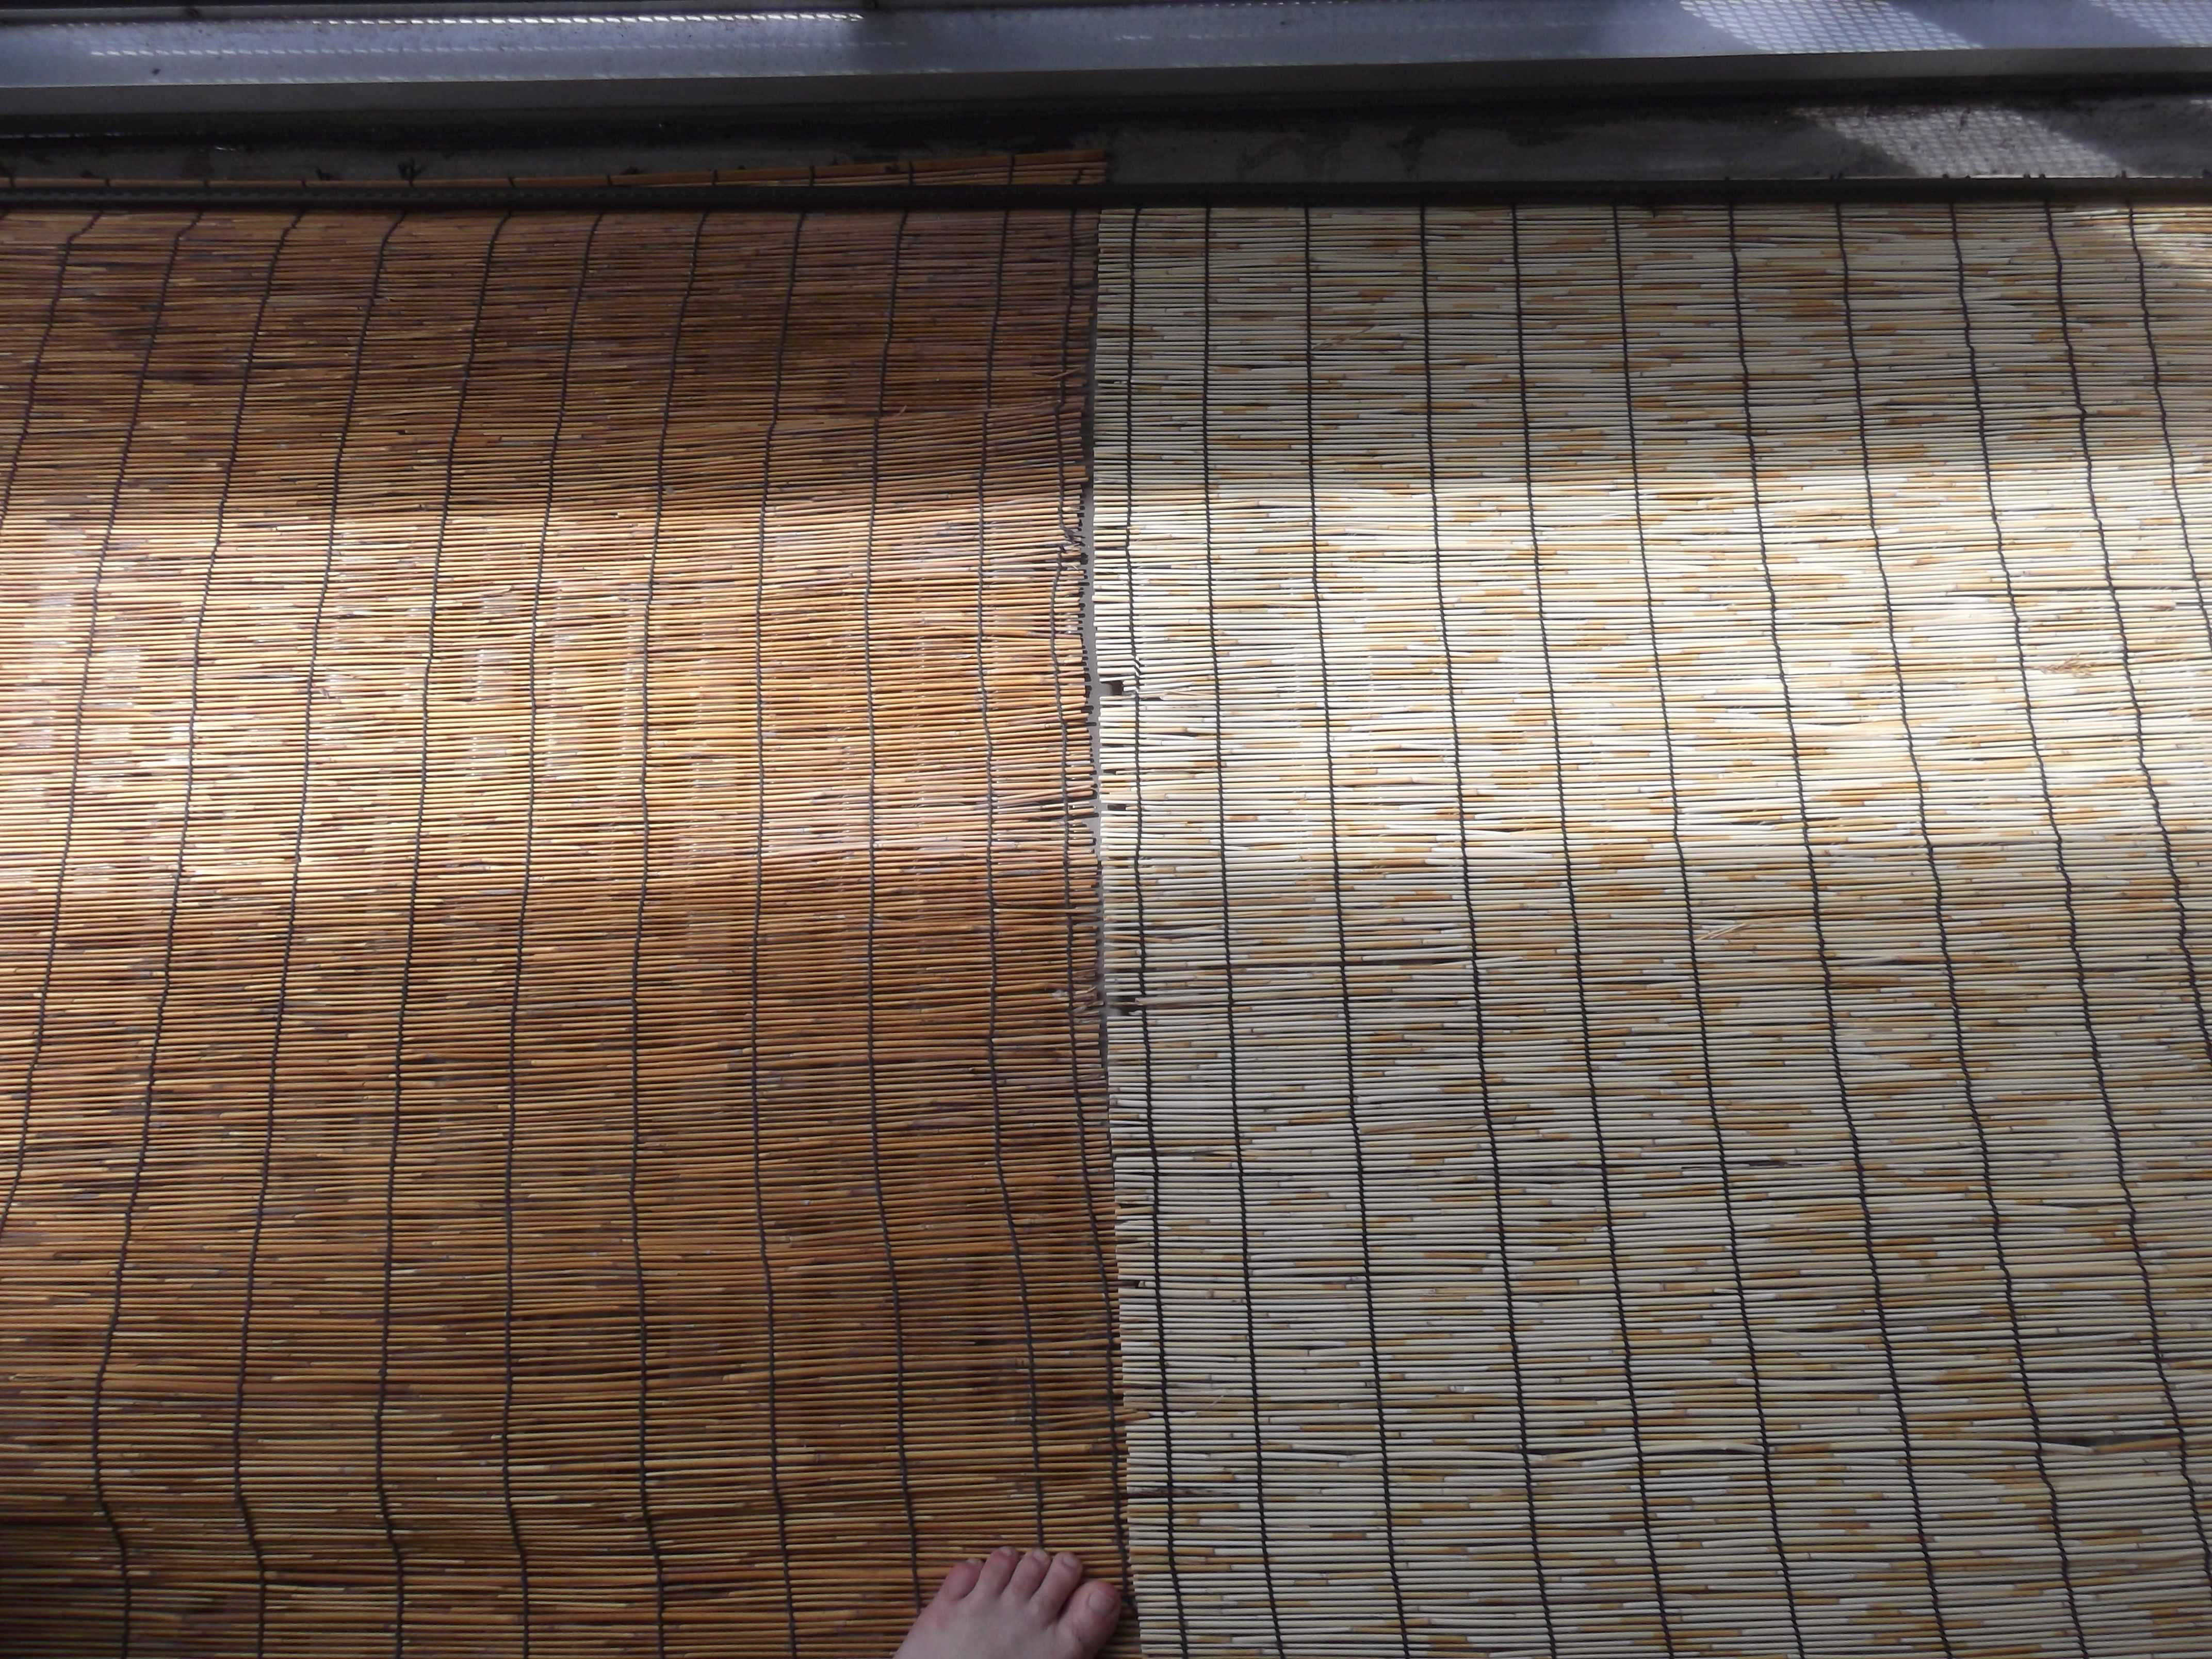 """""""すだれ""""方式-エアコン室外機の日よけ対策-""""Bamboo blind""""-Method-Air Conditioner Outdoor unit Sun Protection"""